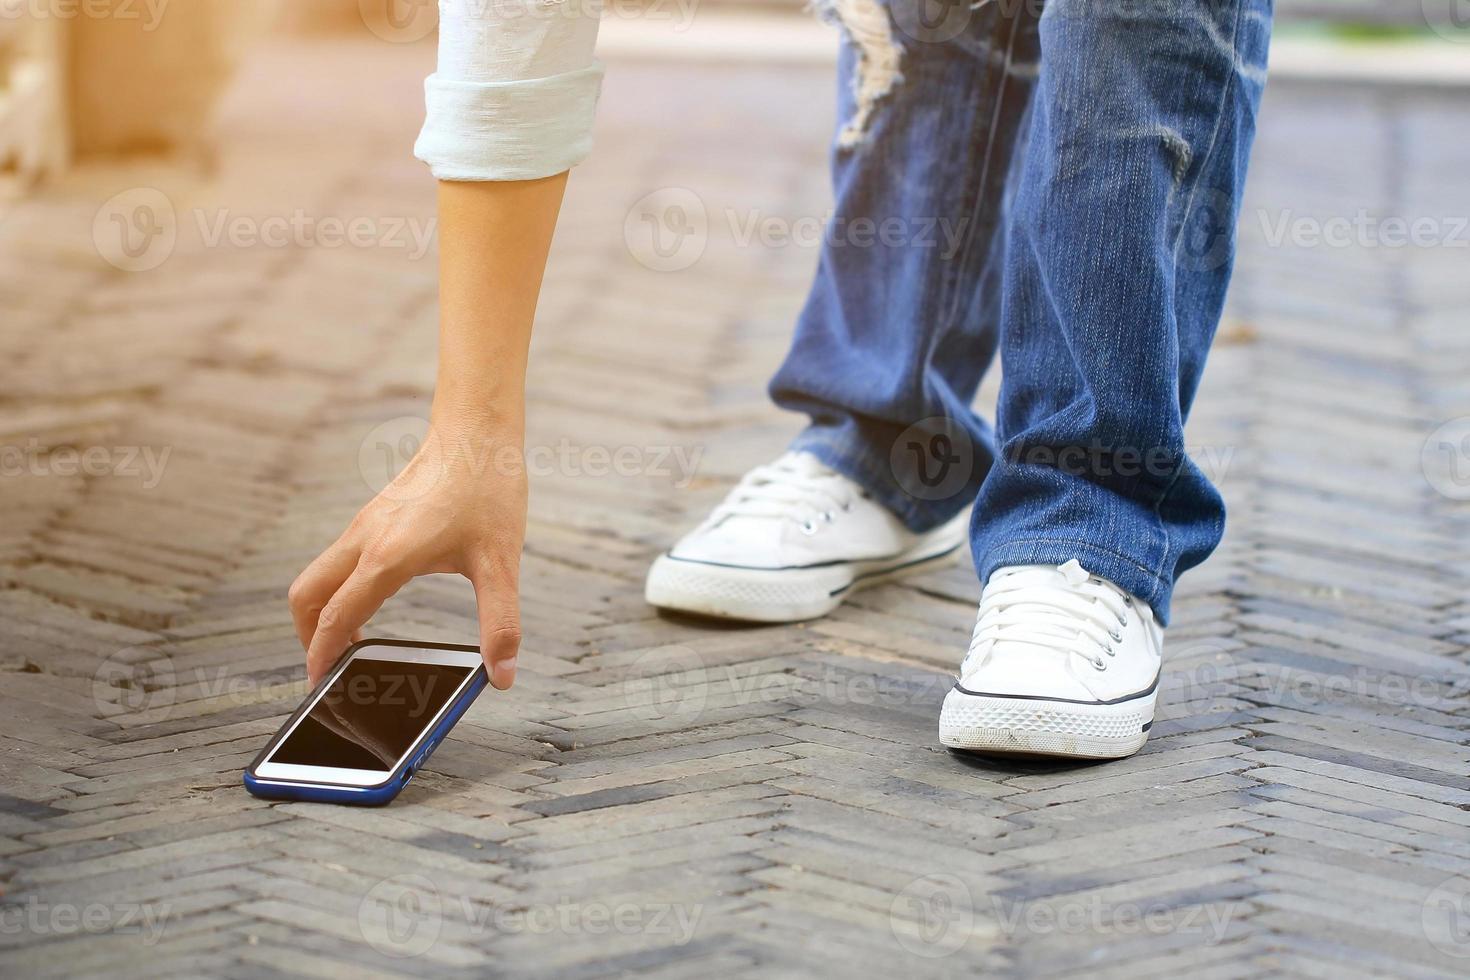 mujer recogiendo un teléfono inteligente en el suelo foto